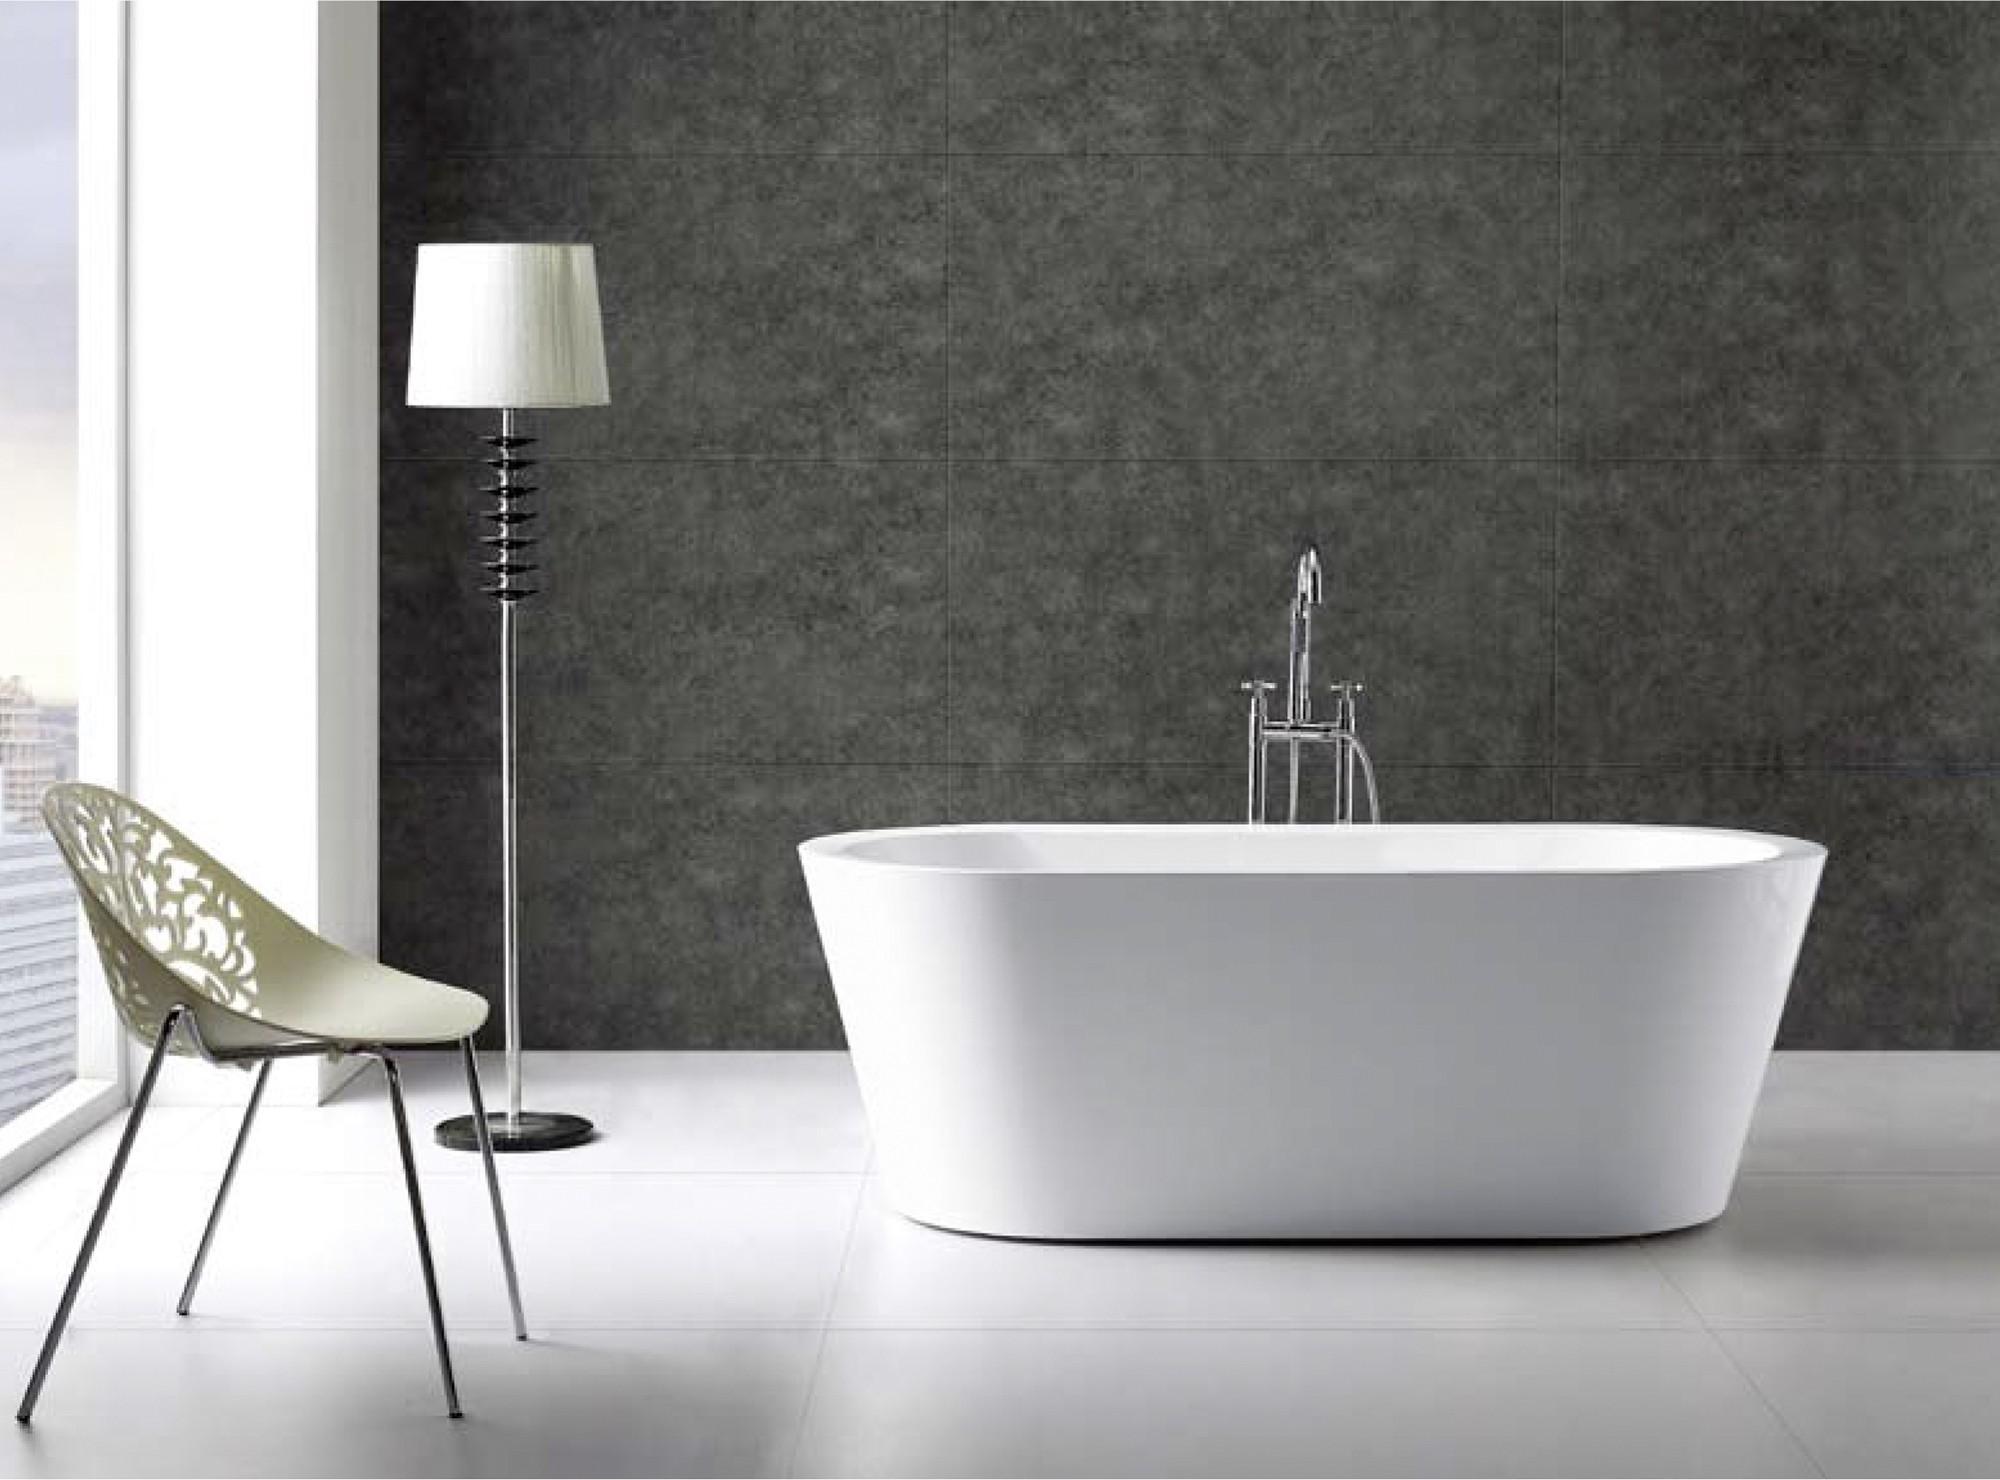 exclusive freistehende badewanne mit ab und berlauf neu ovp art nr 28014 ebay. Black Bedroom Furniture Sets. Home Design Ideas